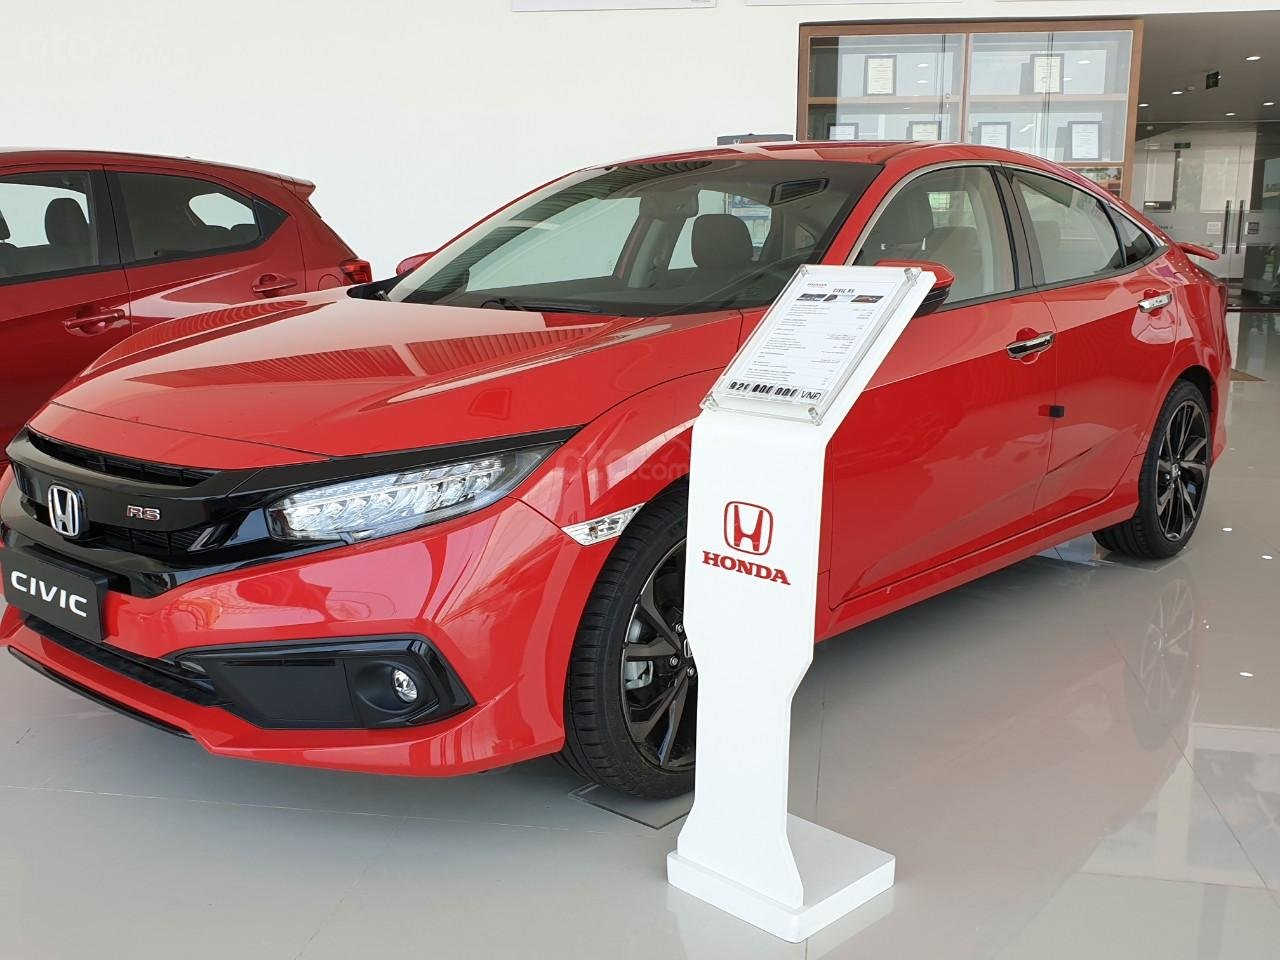 Honda Bắc Giang giảm giá sôc, xe Honda cuối năm, liên hệ: TPBH 0941 367 999 (1)